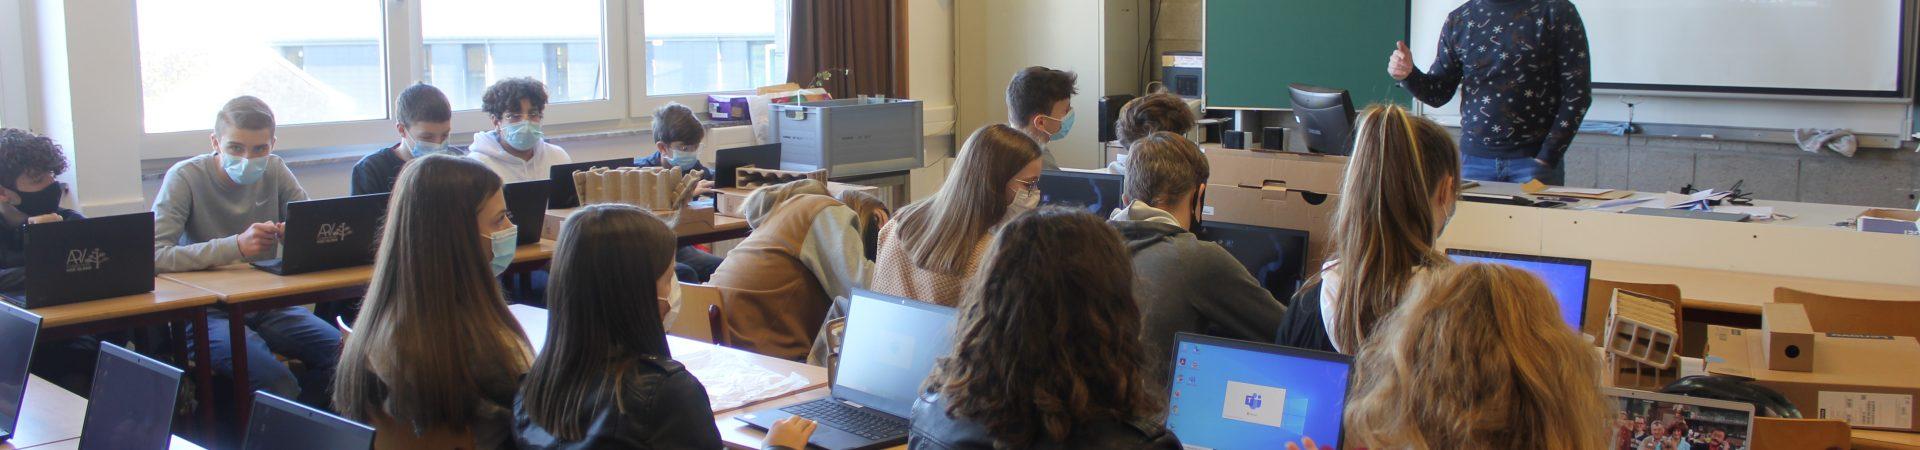 Projet BYOD – Le numérique à l'école.